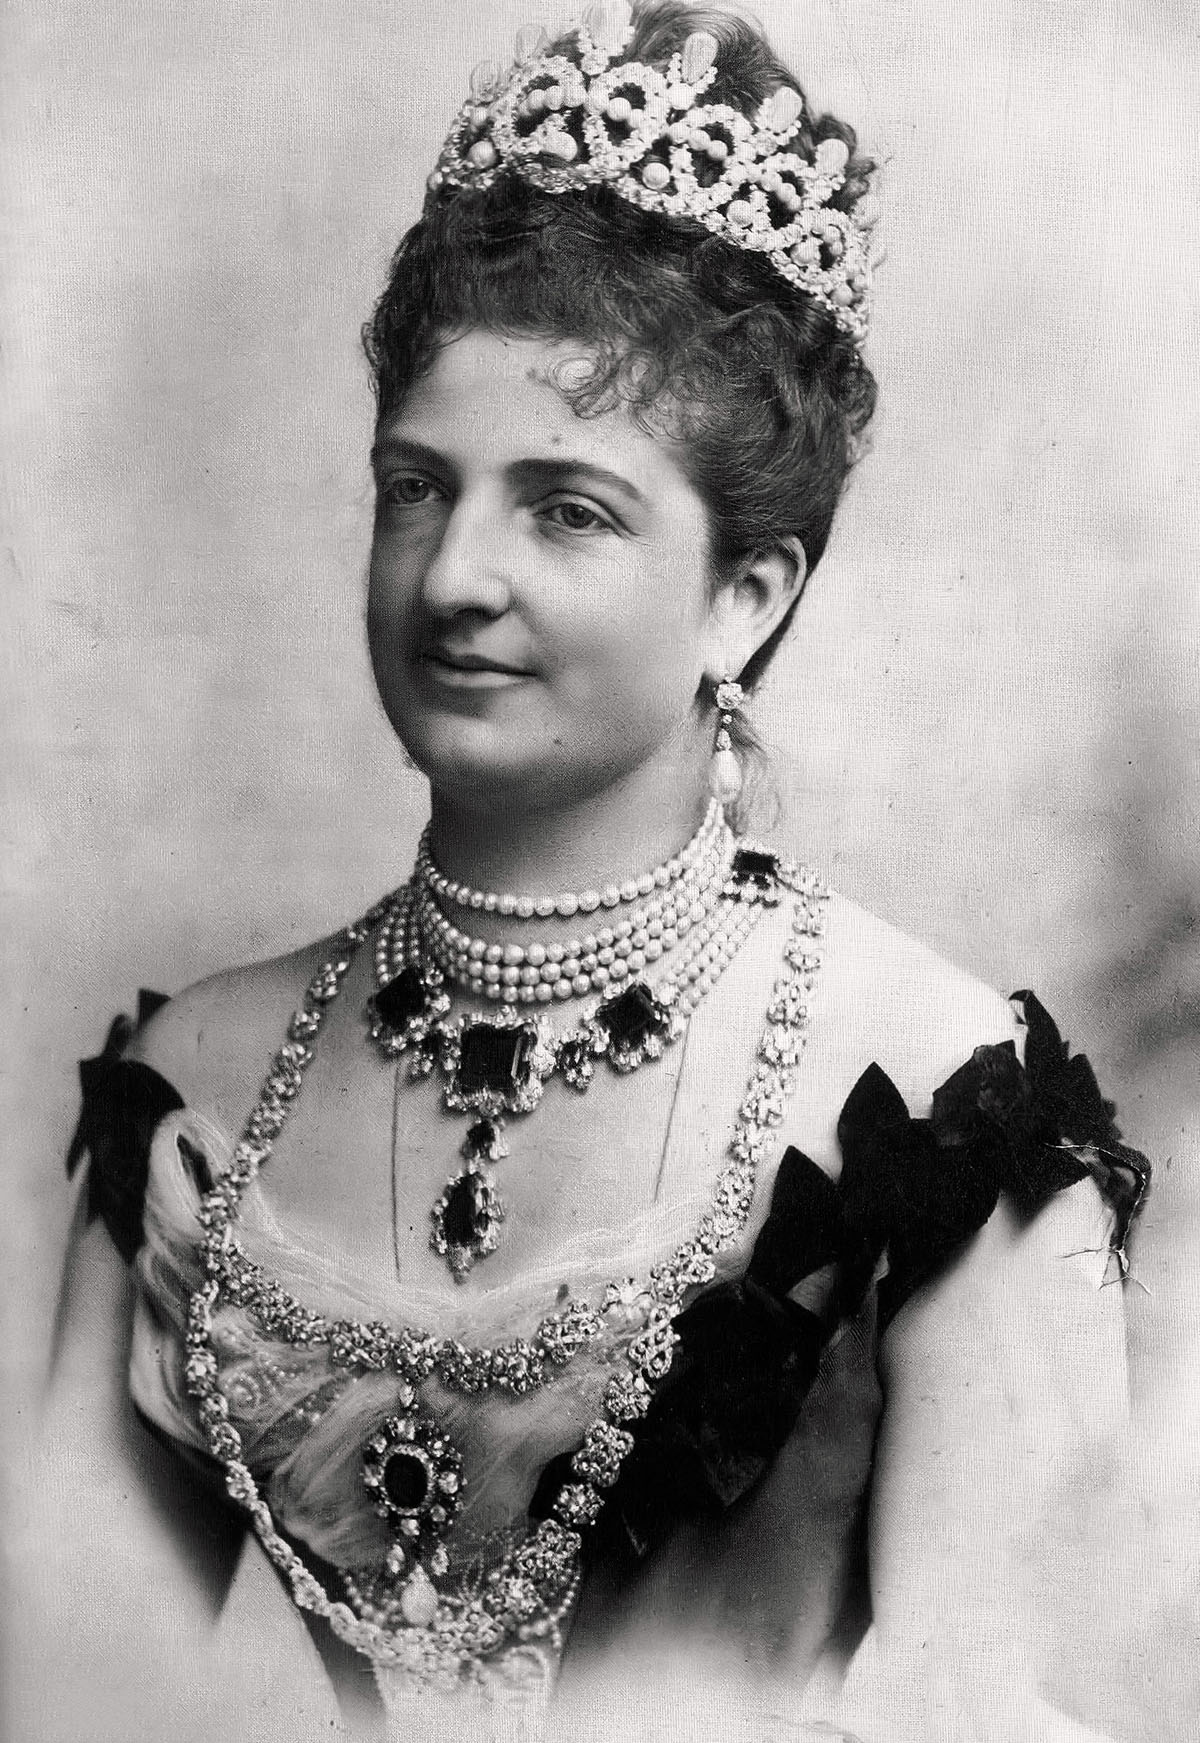 Королевская улыбка Маргариты Савойской, в честь которой названа пицца «Маргарита».